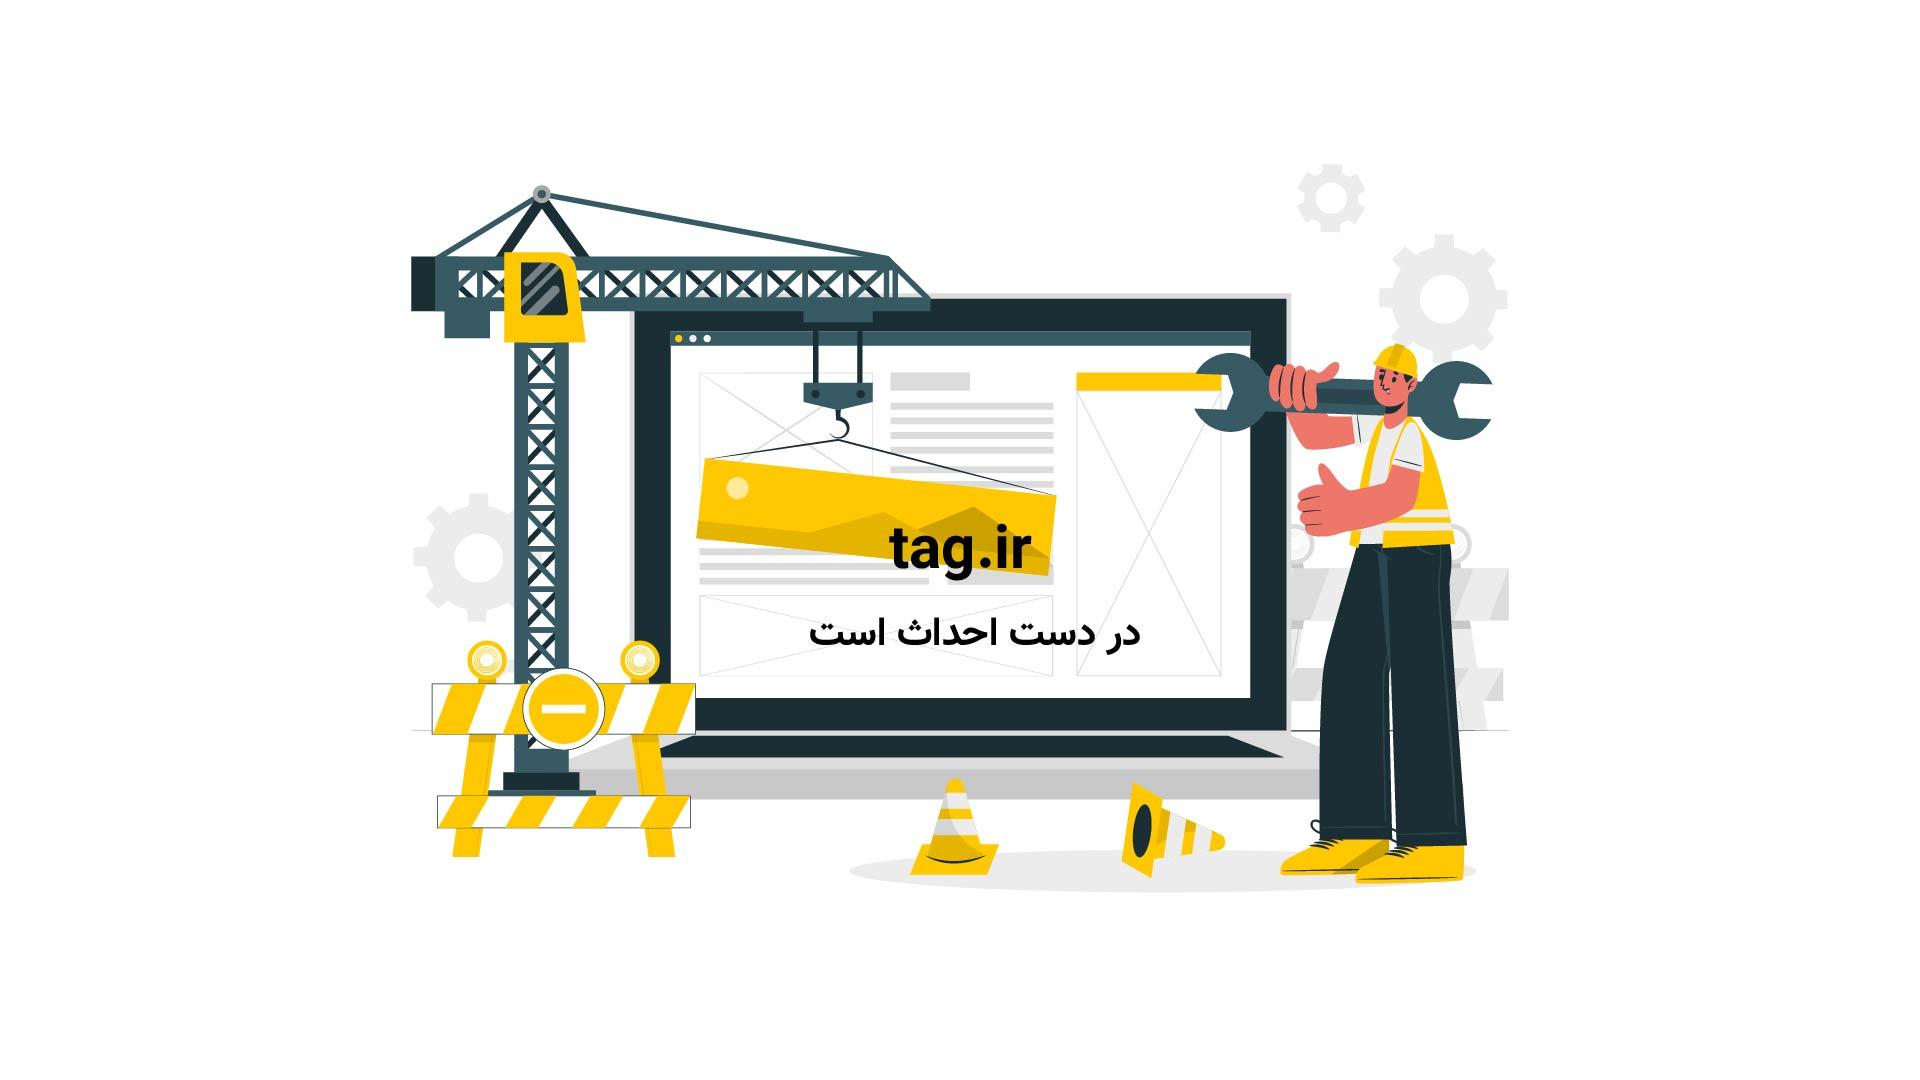 صفحه اول روزنامههای عمومی چهارشنبه 2 اسفند | فیلم